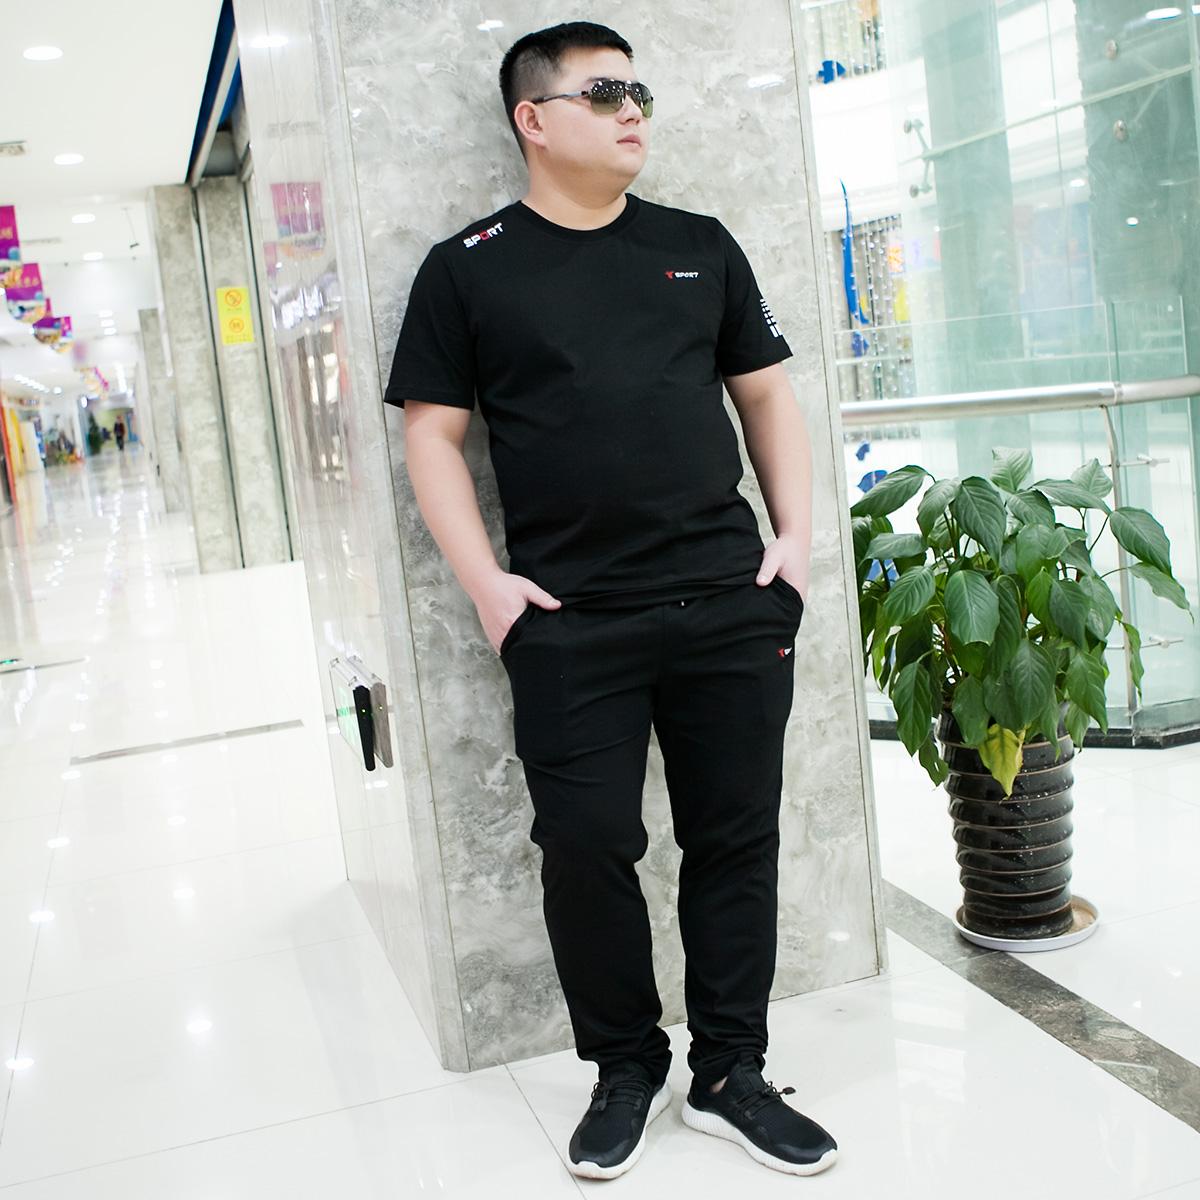 夏季半袖休闲运动套装男宽松胖子加肥大码胖子t恤短袖长裤两件套